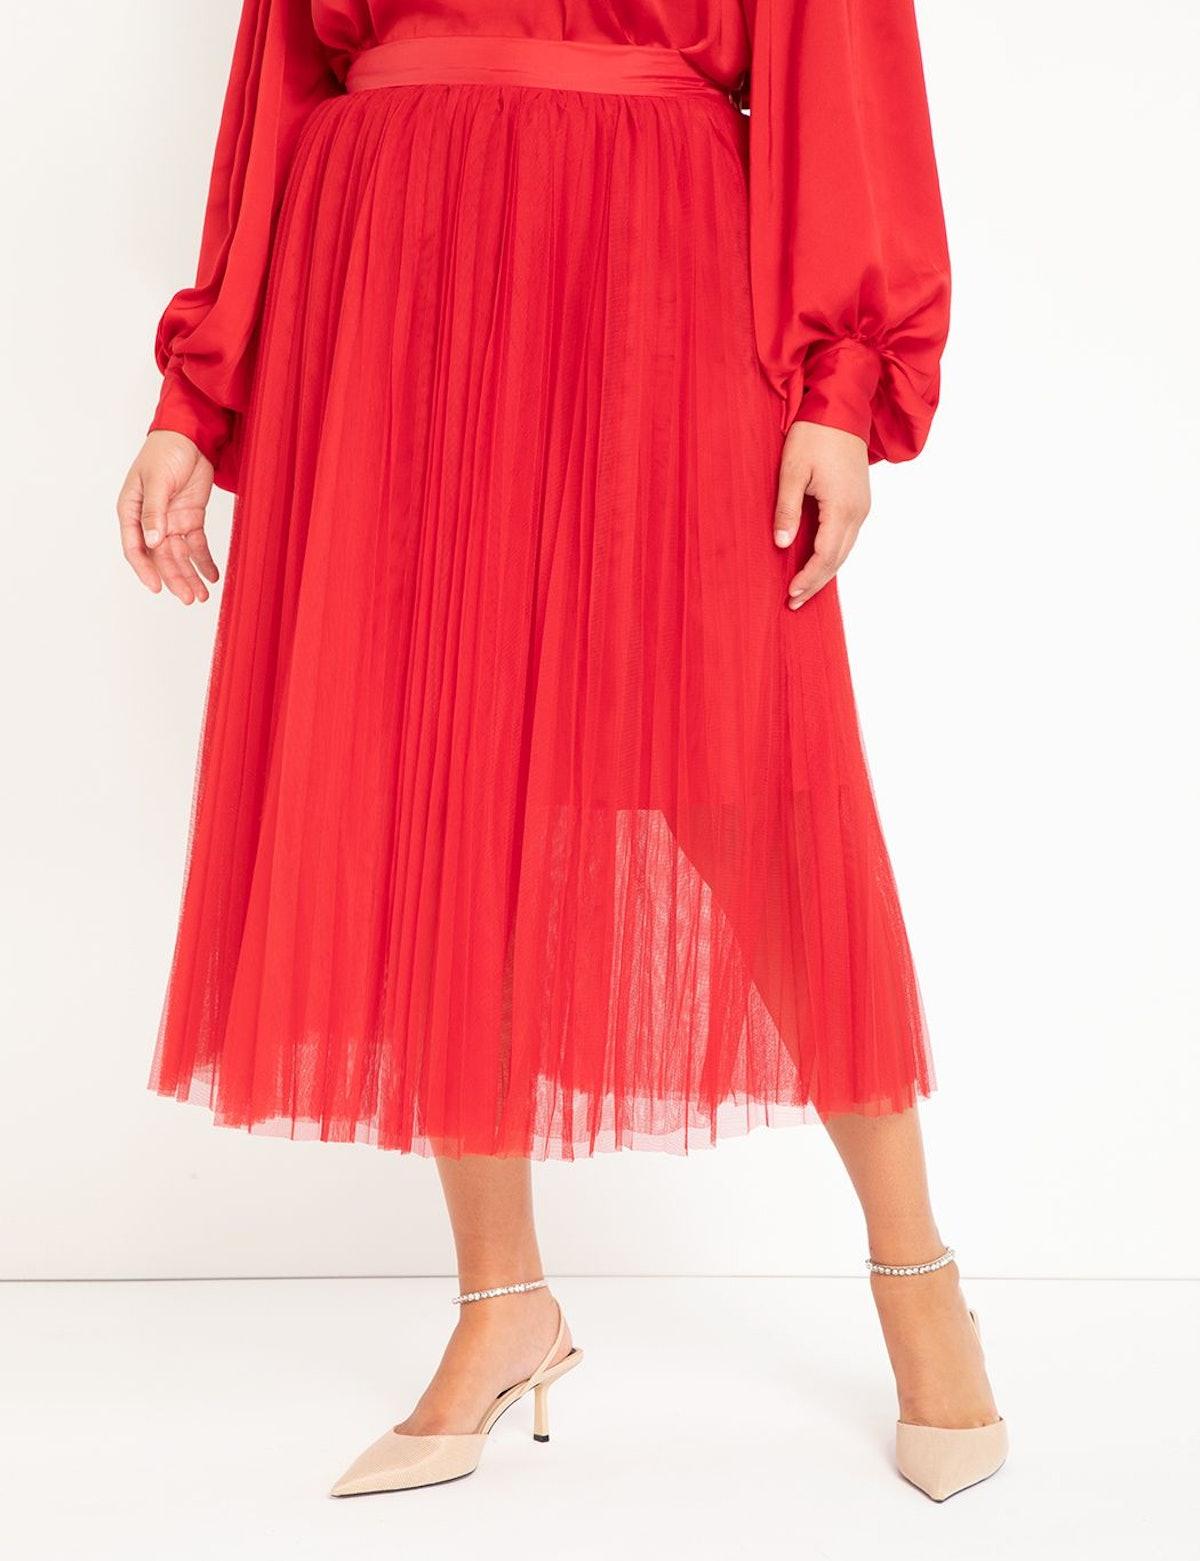 Eloquii Pleated Tulle Skirt